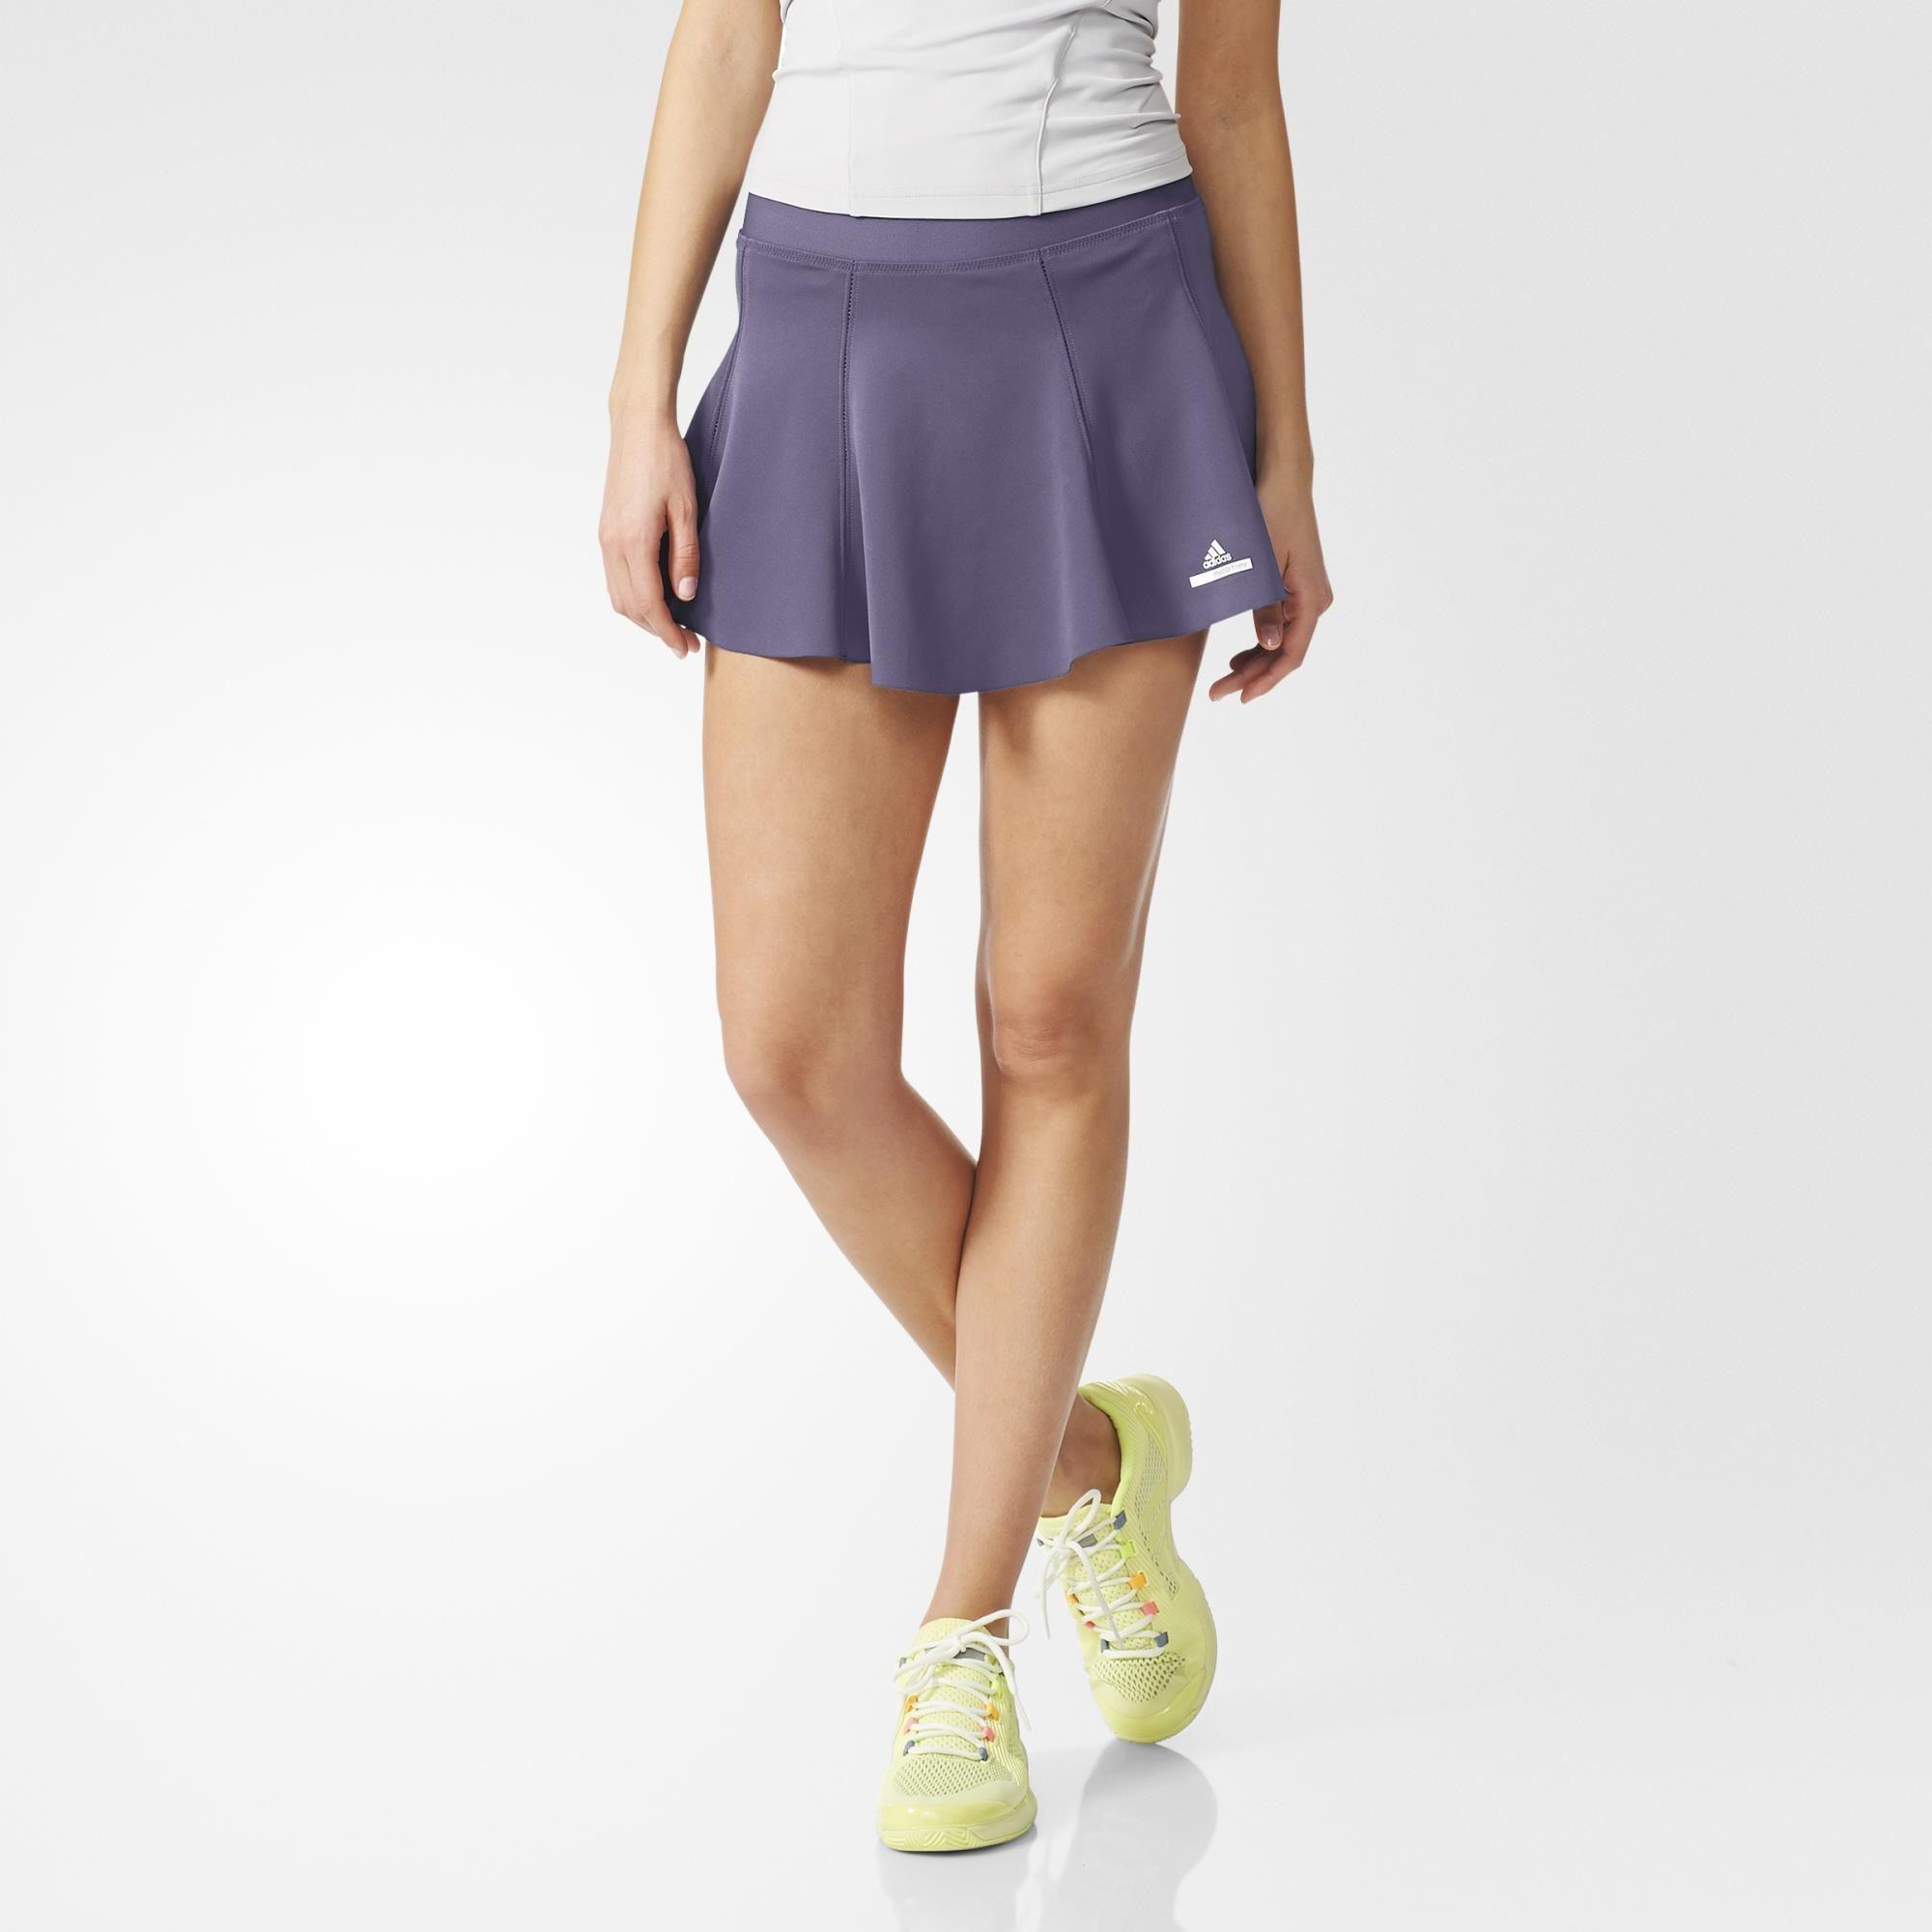 2f0b4dfcfae Adidas Womens SMC Barricade NY Skort - Platinum Mauve - Tennisnuts.com